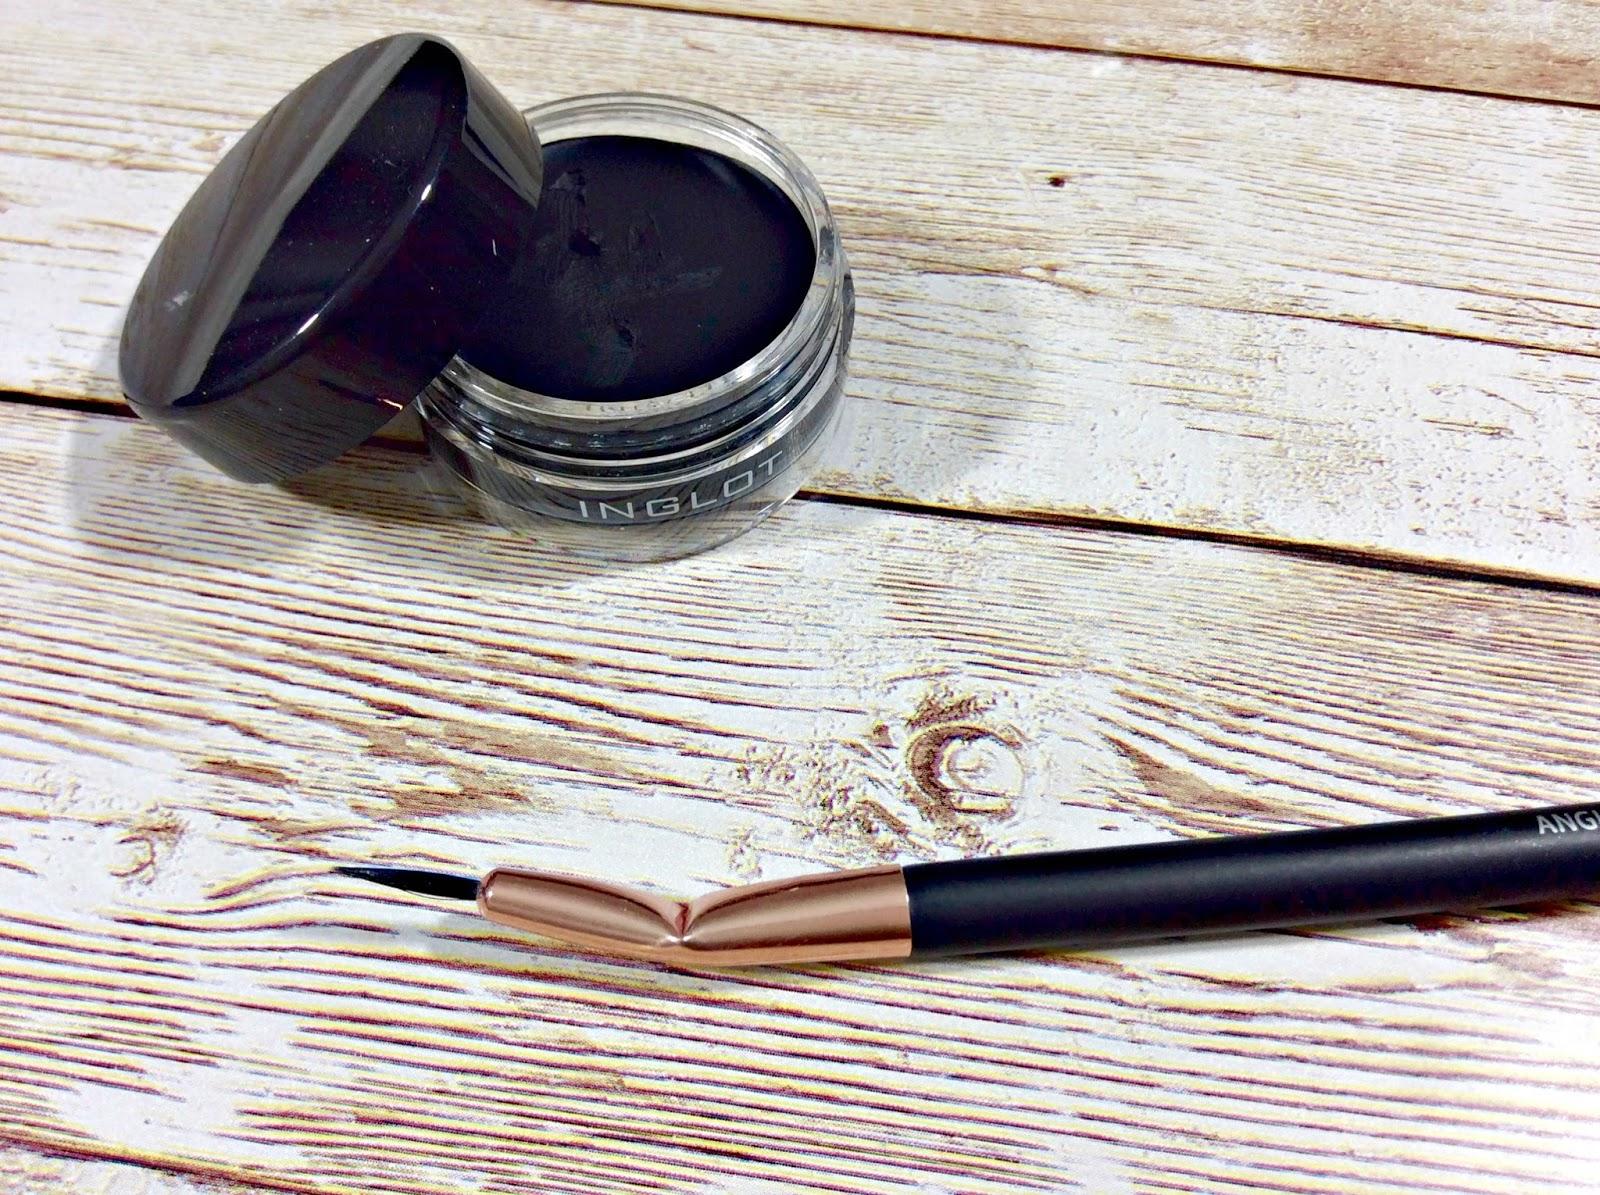 Inglot Gel Liner Primark Angled Bent Liner Brush